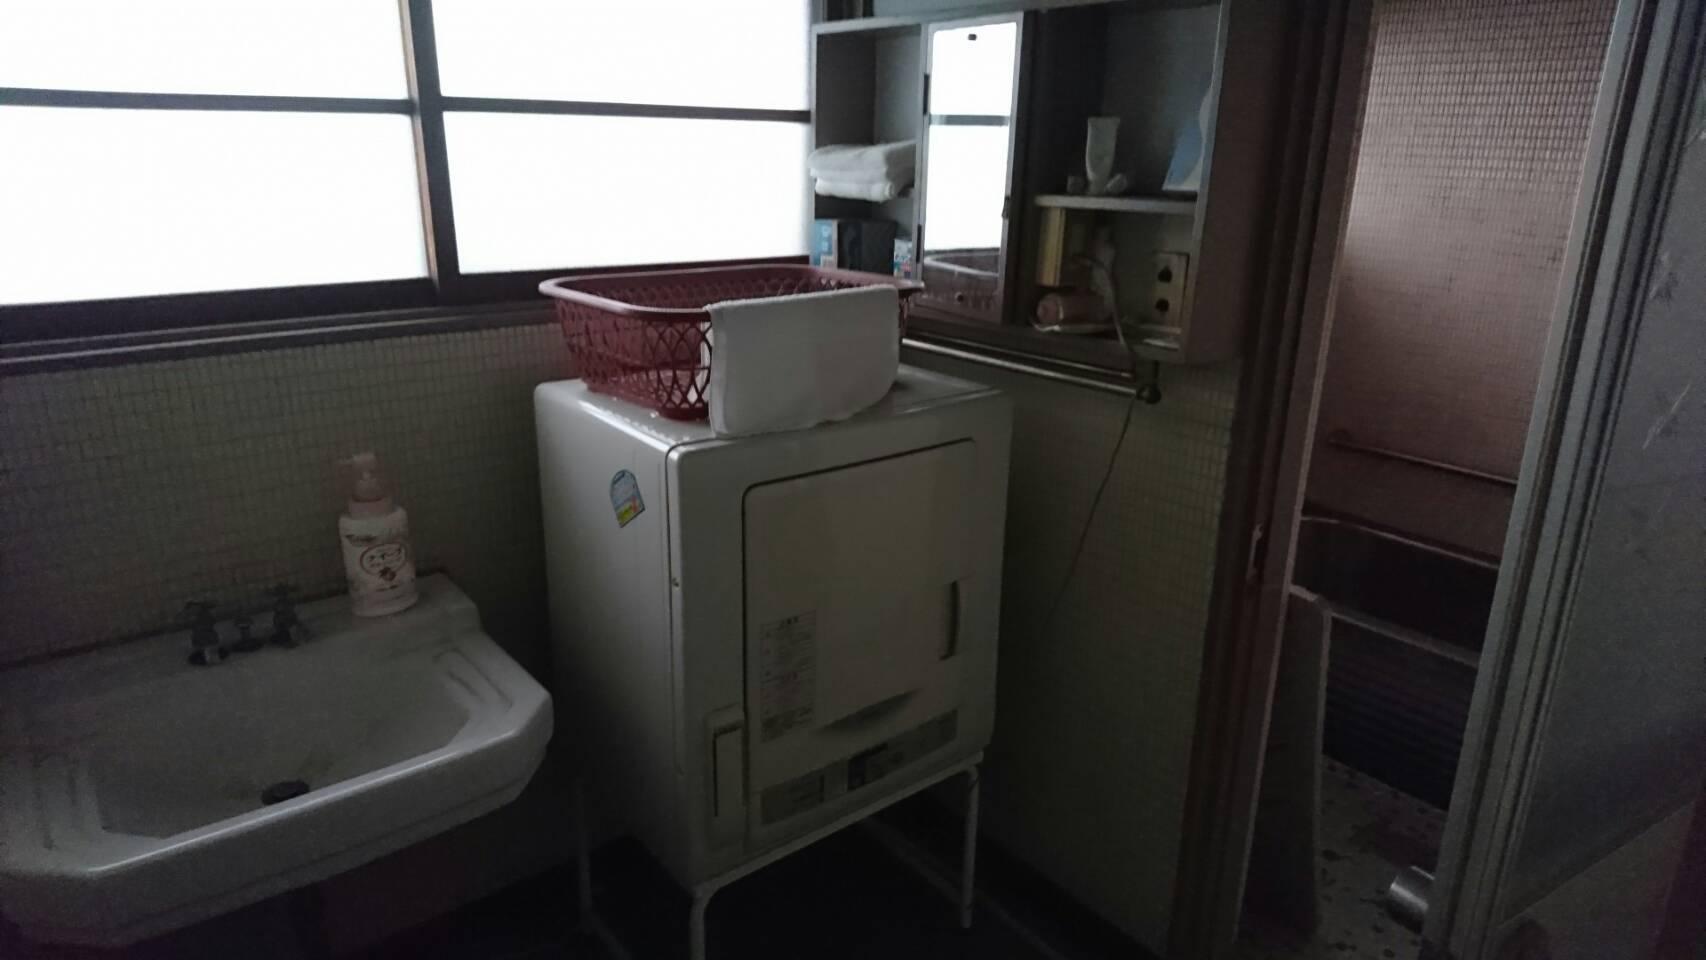 【愛知県名古屋市北区】衣類乾燥機の出張回収